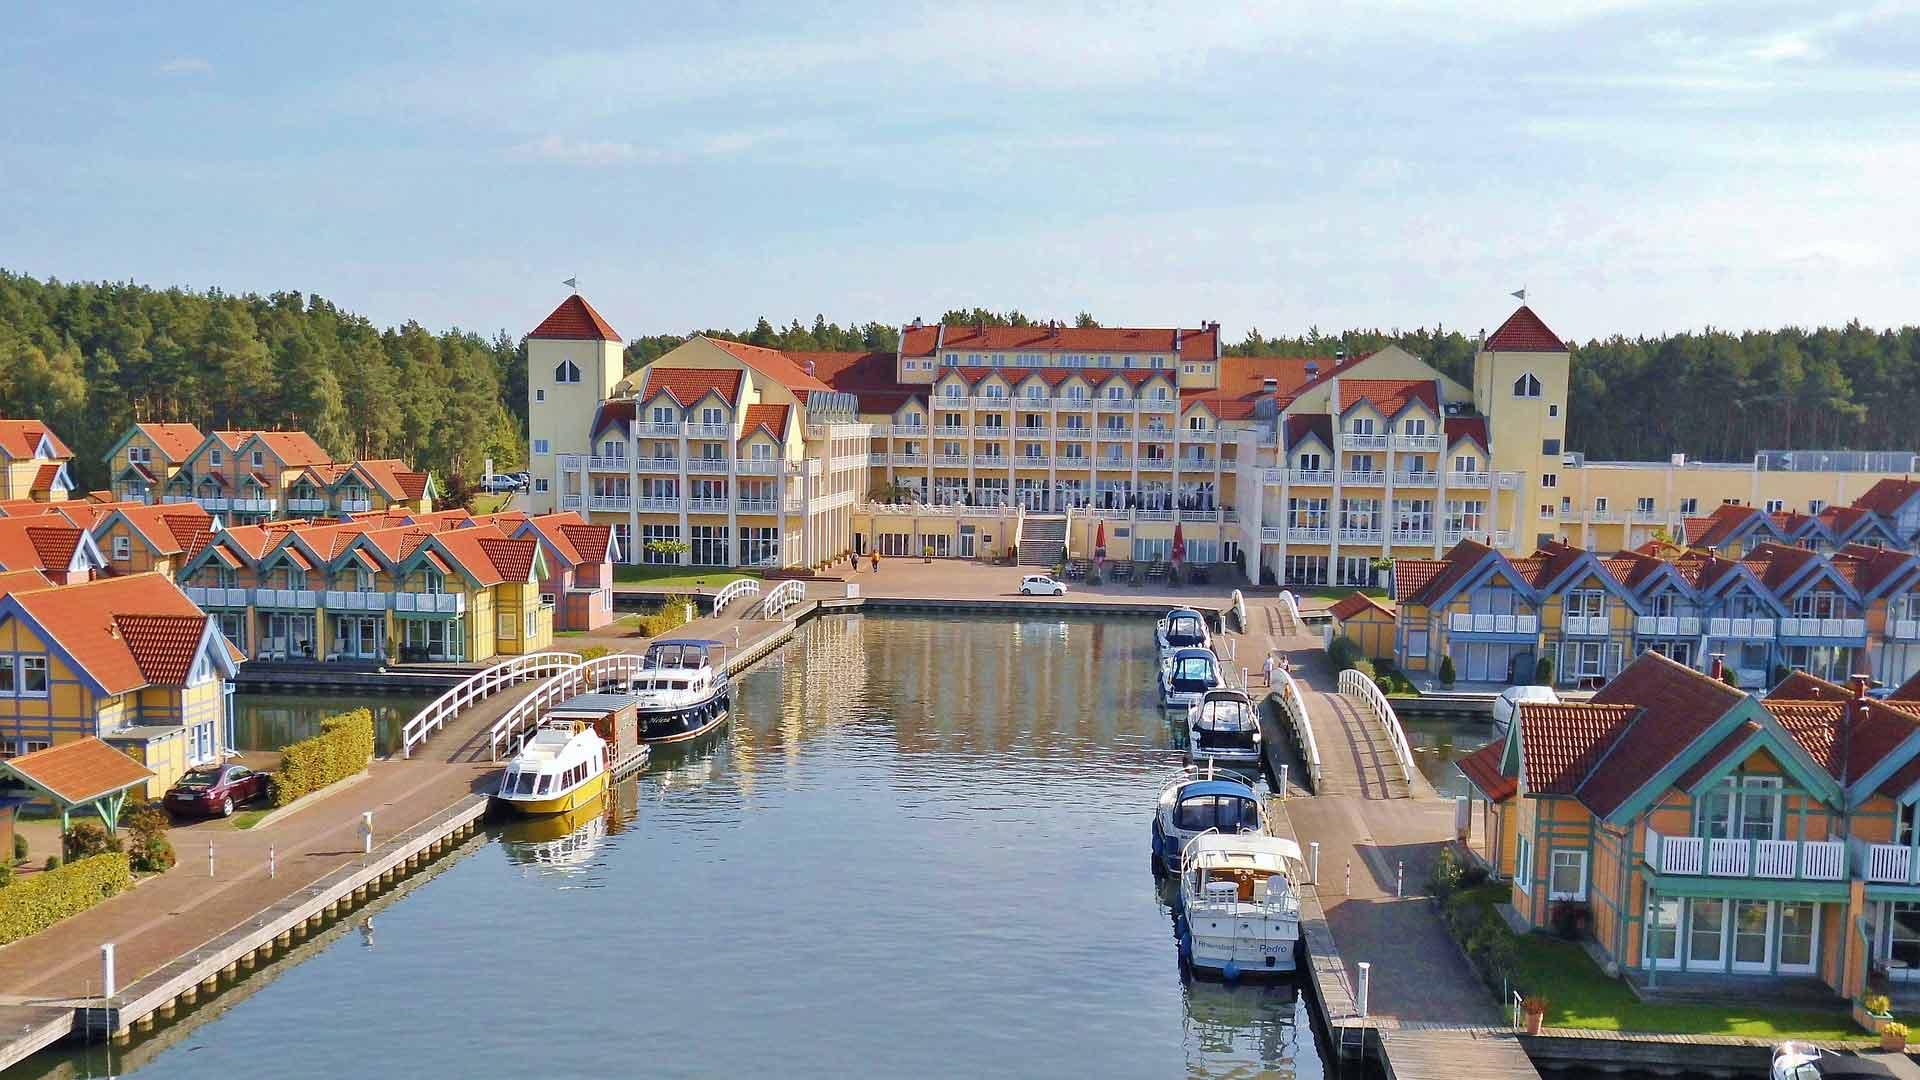 Het 4 sterren Maritim Hotel ligt aan de jachthaven van Rheinsberg.